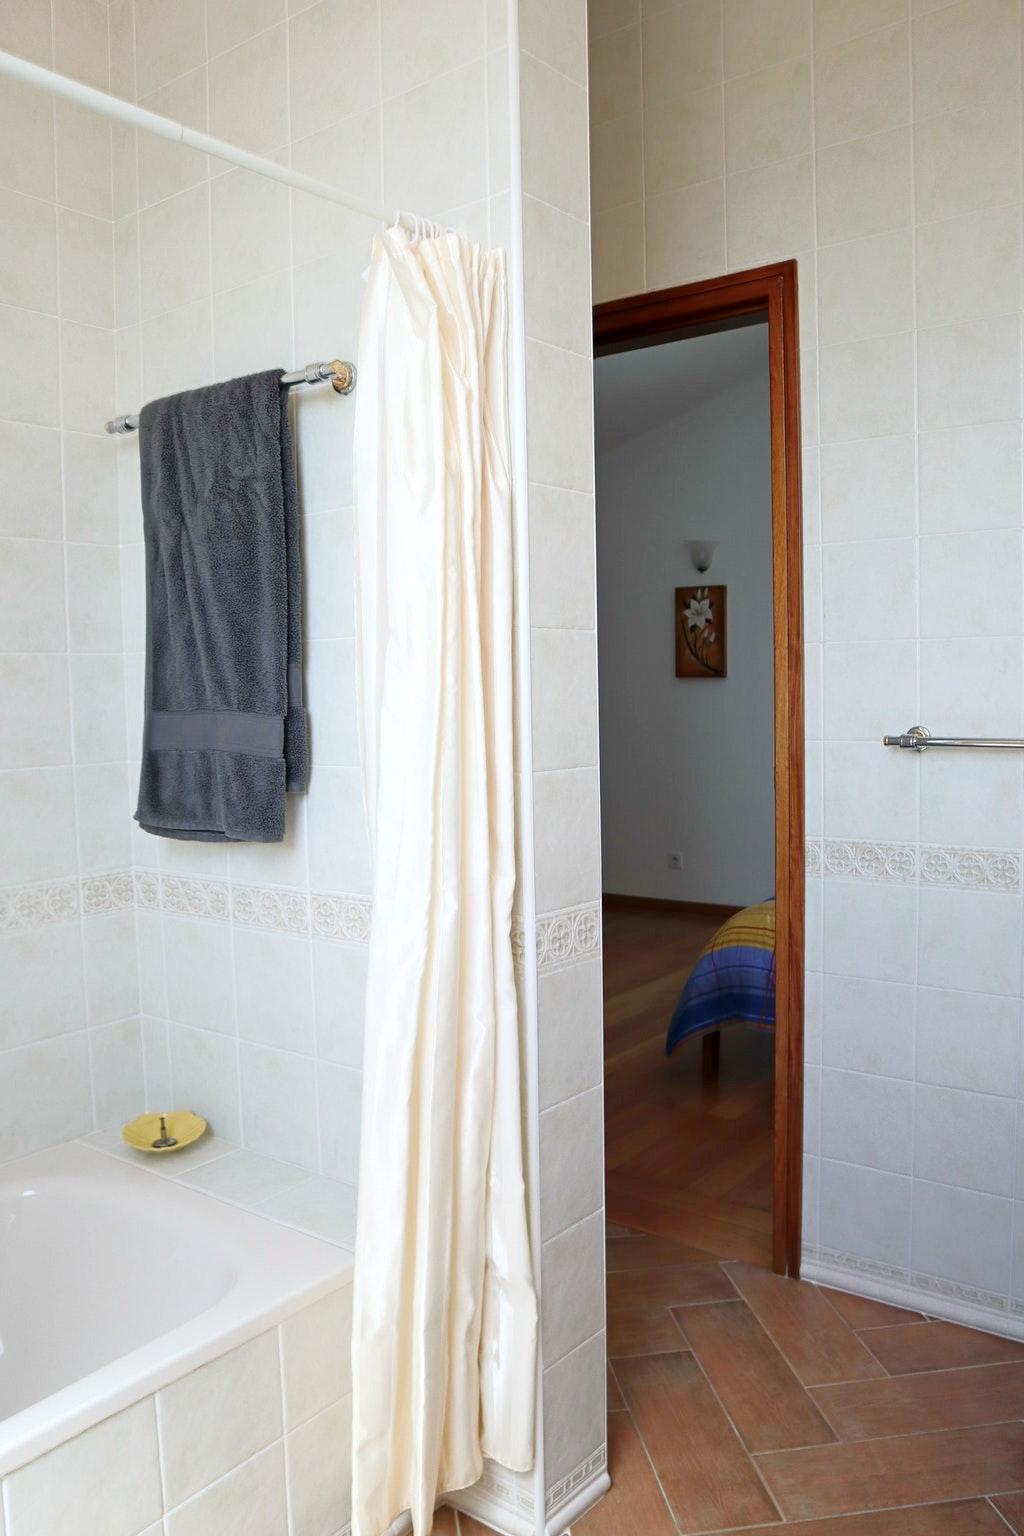 Ferienhaus Villa mit 4 Schlafzimmern in Praia de Mira mit privatem Pool, eingezäuntem Garten und W-LA (2623071), Praia de Mira, Costa de Prata, Zentral-Portugal, Portugal, Bild 29